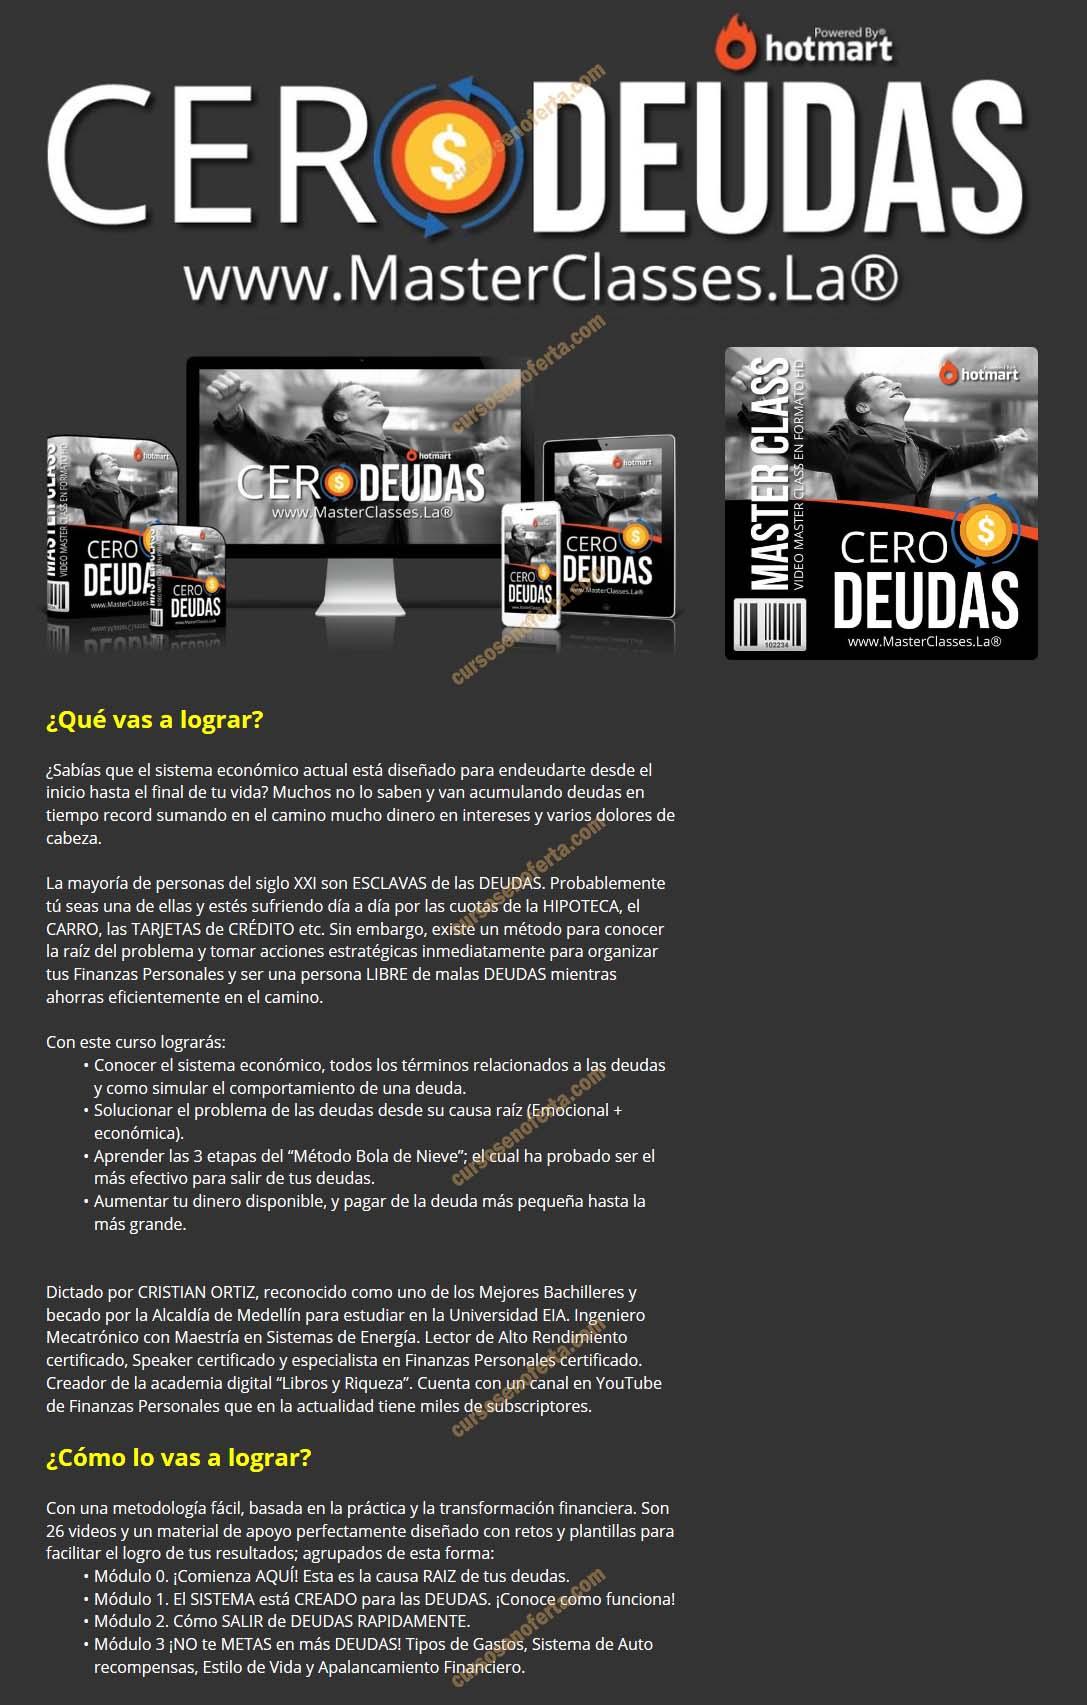 Cero Deudas - masterclasses la